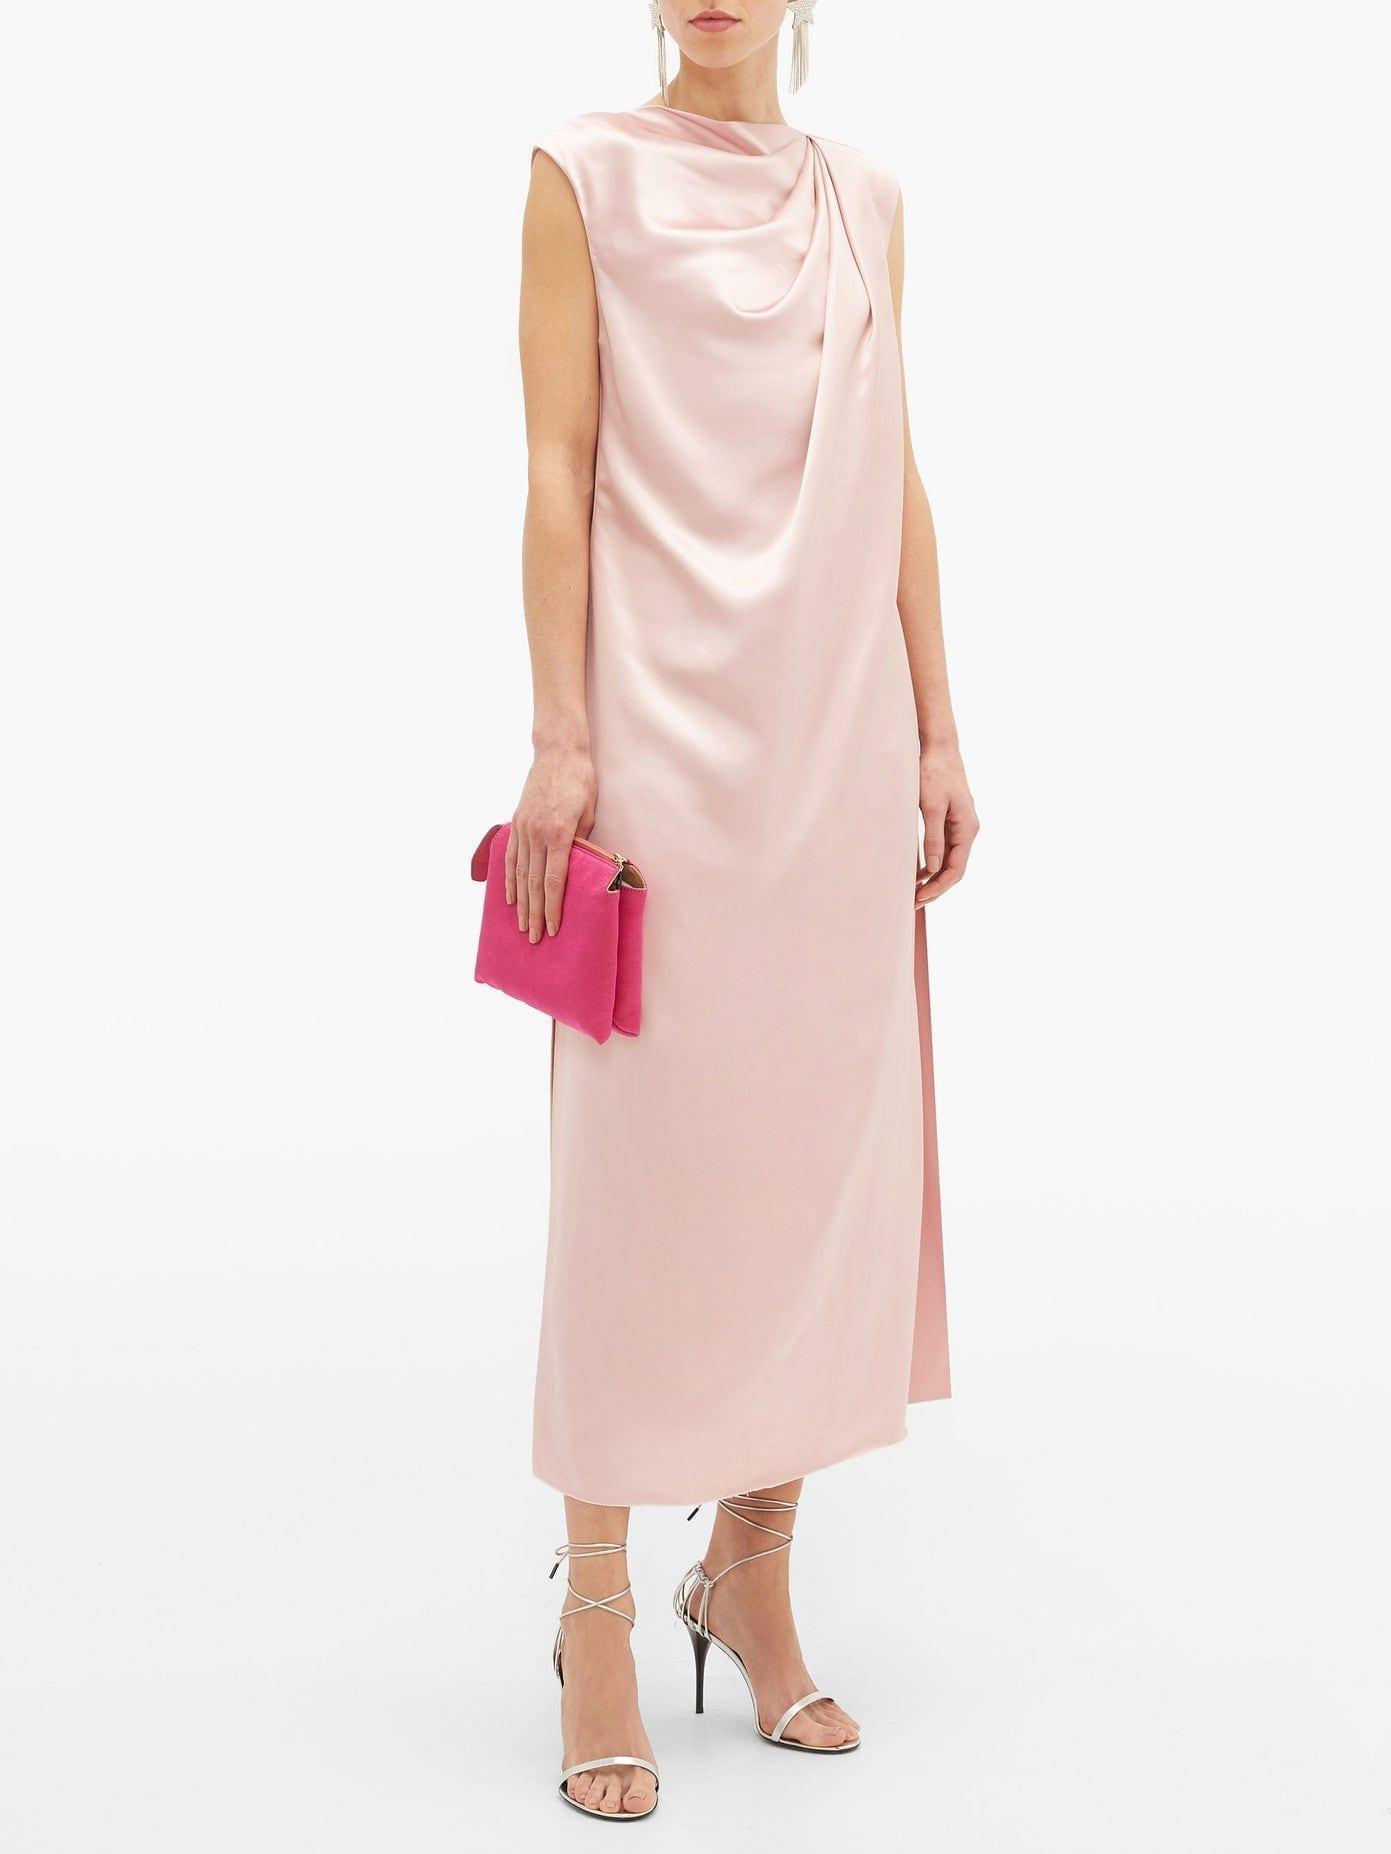 MARINA MOSCONE Draped Satin Dress